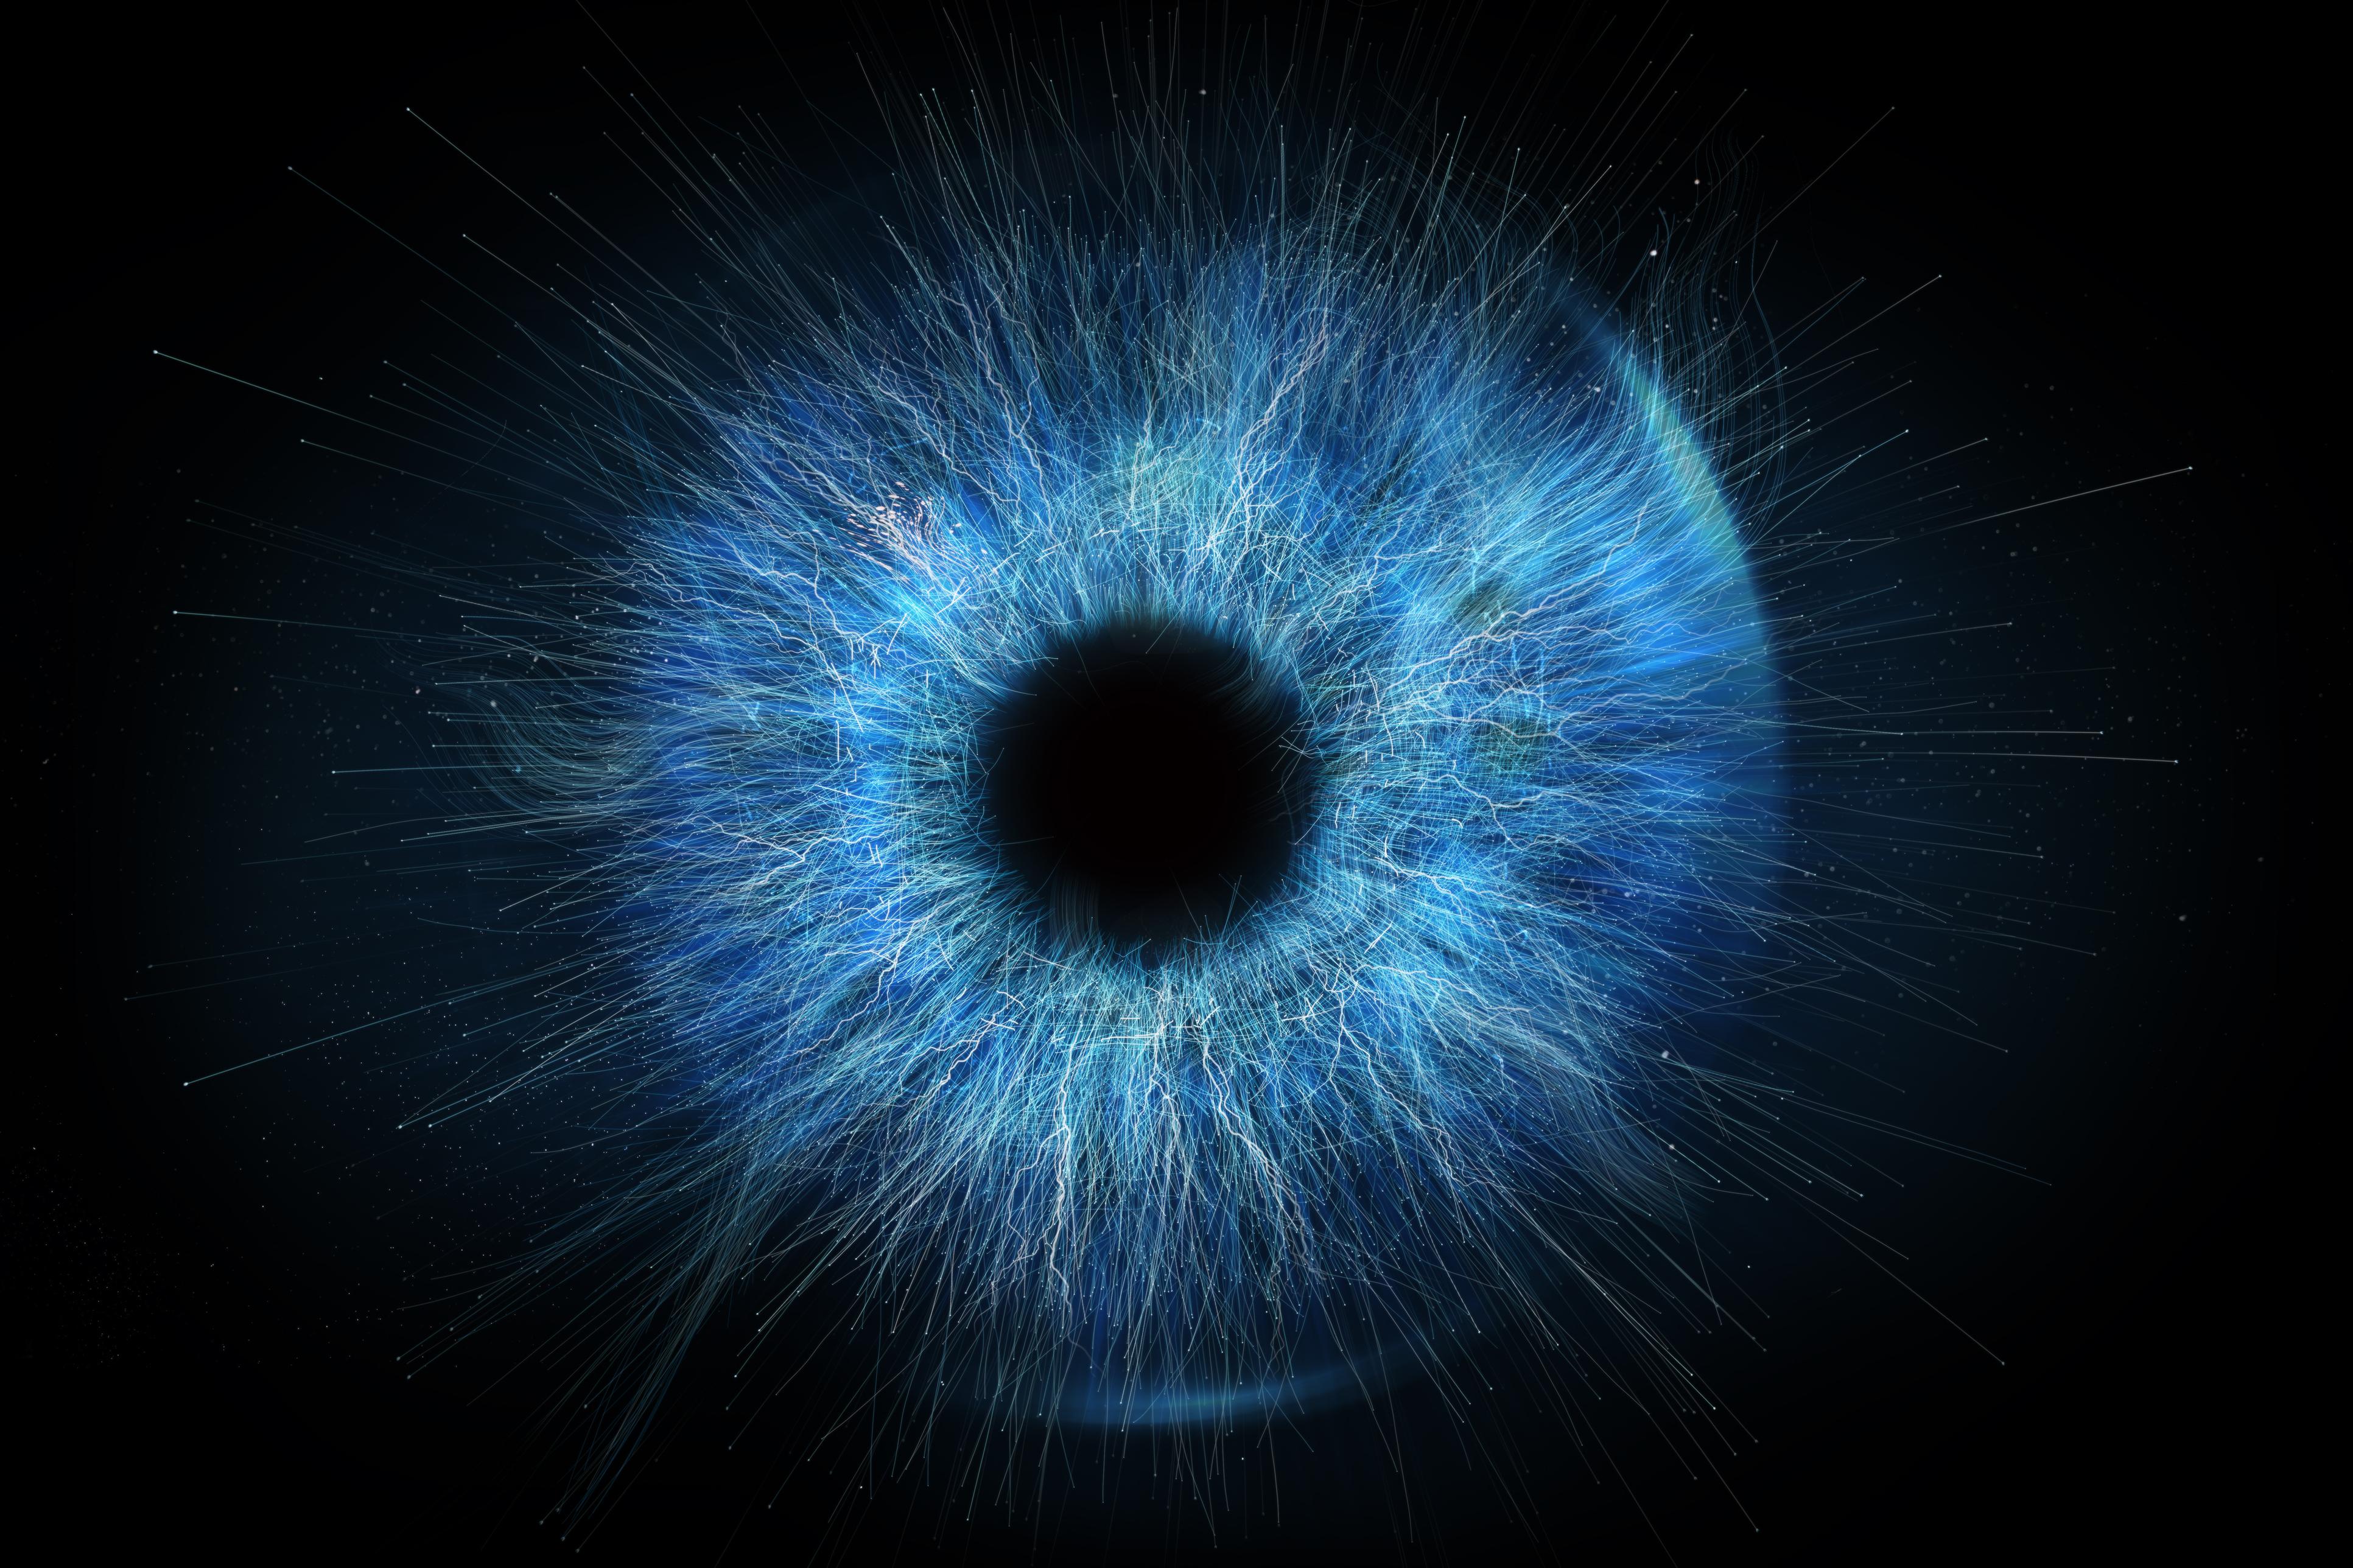 瞳孔の役割は?